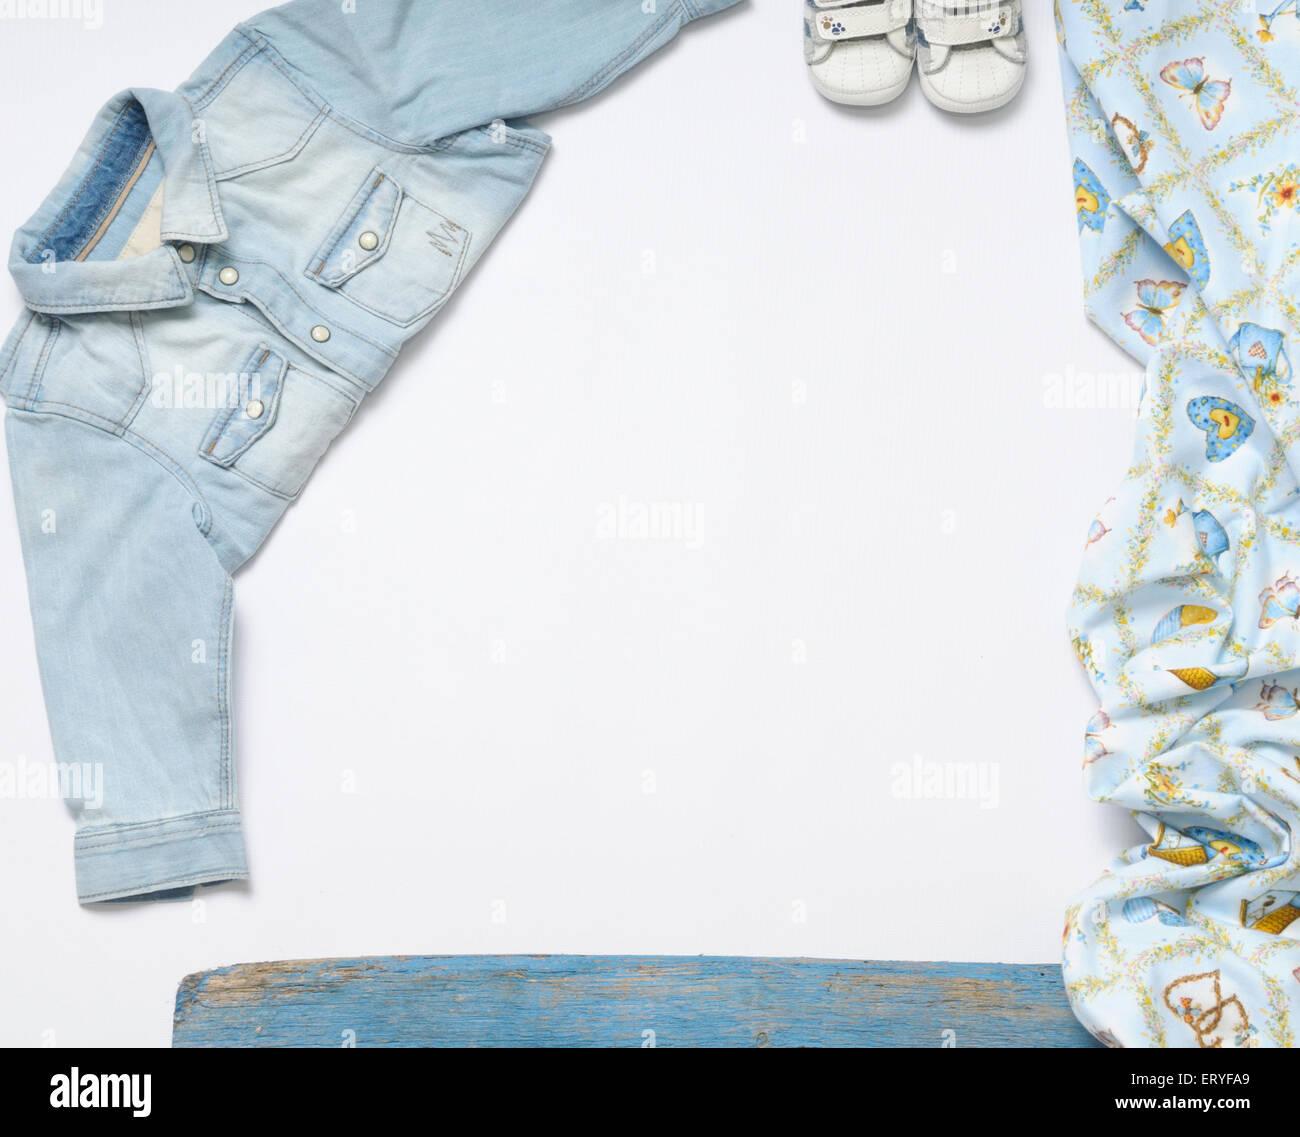 Vista superior de la mirada de moda moda ropa de bebé Juguetes y cosas, baby fashion concept Imagen De Stock